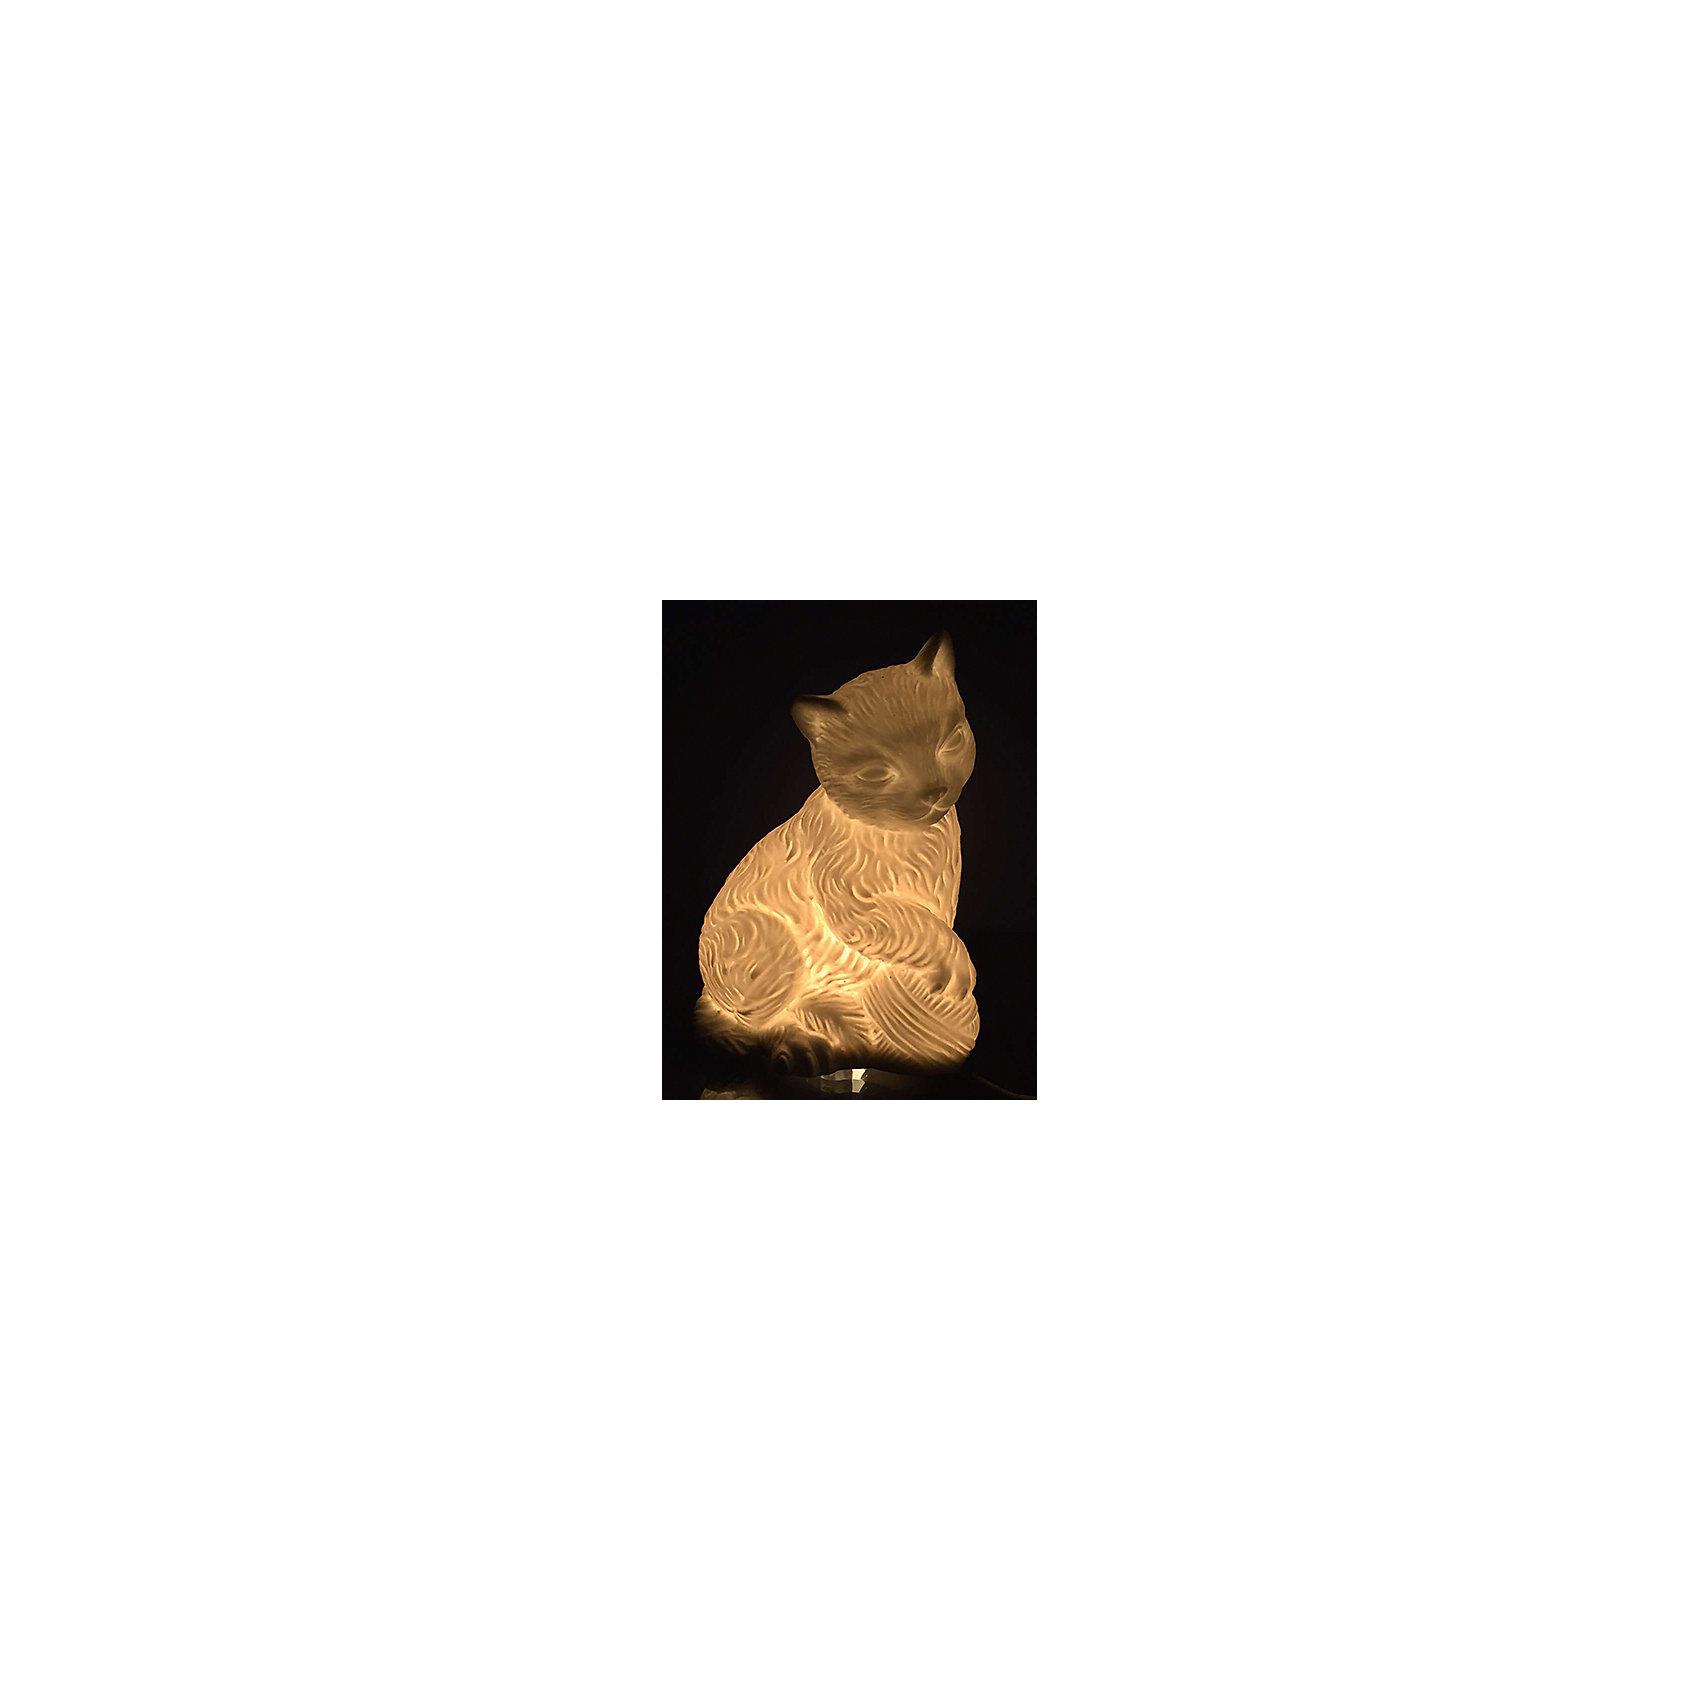 Лампа настольная Кошка с клубочком, электрическая из фарфора, Феникс-ПрезентЛампы, ночники, фонарики<br>Лампа настольная Кошка с клубочком, электрическая из фарфора, Феникс-Презент<br><br>Характеристики:<br><br>• красивый светильник в форме котенка<br>• лампа накаливания 220-250 В, 50 Гц<br>• материал: фарфор<br>• размер: 14х9,5х19 см<br><br>Фарфоровый светильник Кошка с клубком украсит вашу комнату и наполнит ее мягким светом. Лампа изготовлена в виде кошки, играющей с клубком ниток. Светильник можно использовать как ночник. Кроме того, вы сможете преподнести лампу в подарок. Получатель непременно будет рад такому подарку!<br><br>Лампу настольную Кошка с клубочком, электрическую из фарфора, Феникс-Презент вы можете купить в нашем интернет-магазине.<br><br>Ширина мм: 500<br>Глубина мм: 450<br>Высота мм: 350<br>Вес г: 9250<br>Возраст от месяцев: 120<br>Возраст до месяцев: 2147483647<br>Пол: Унисекс<br>Возраст: Детский<br>SKU: 5449757